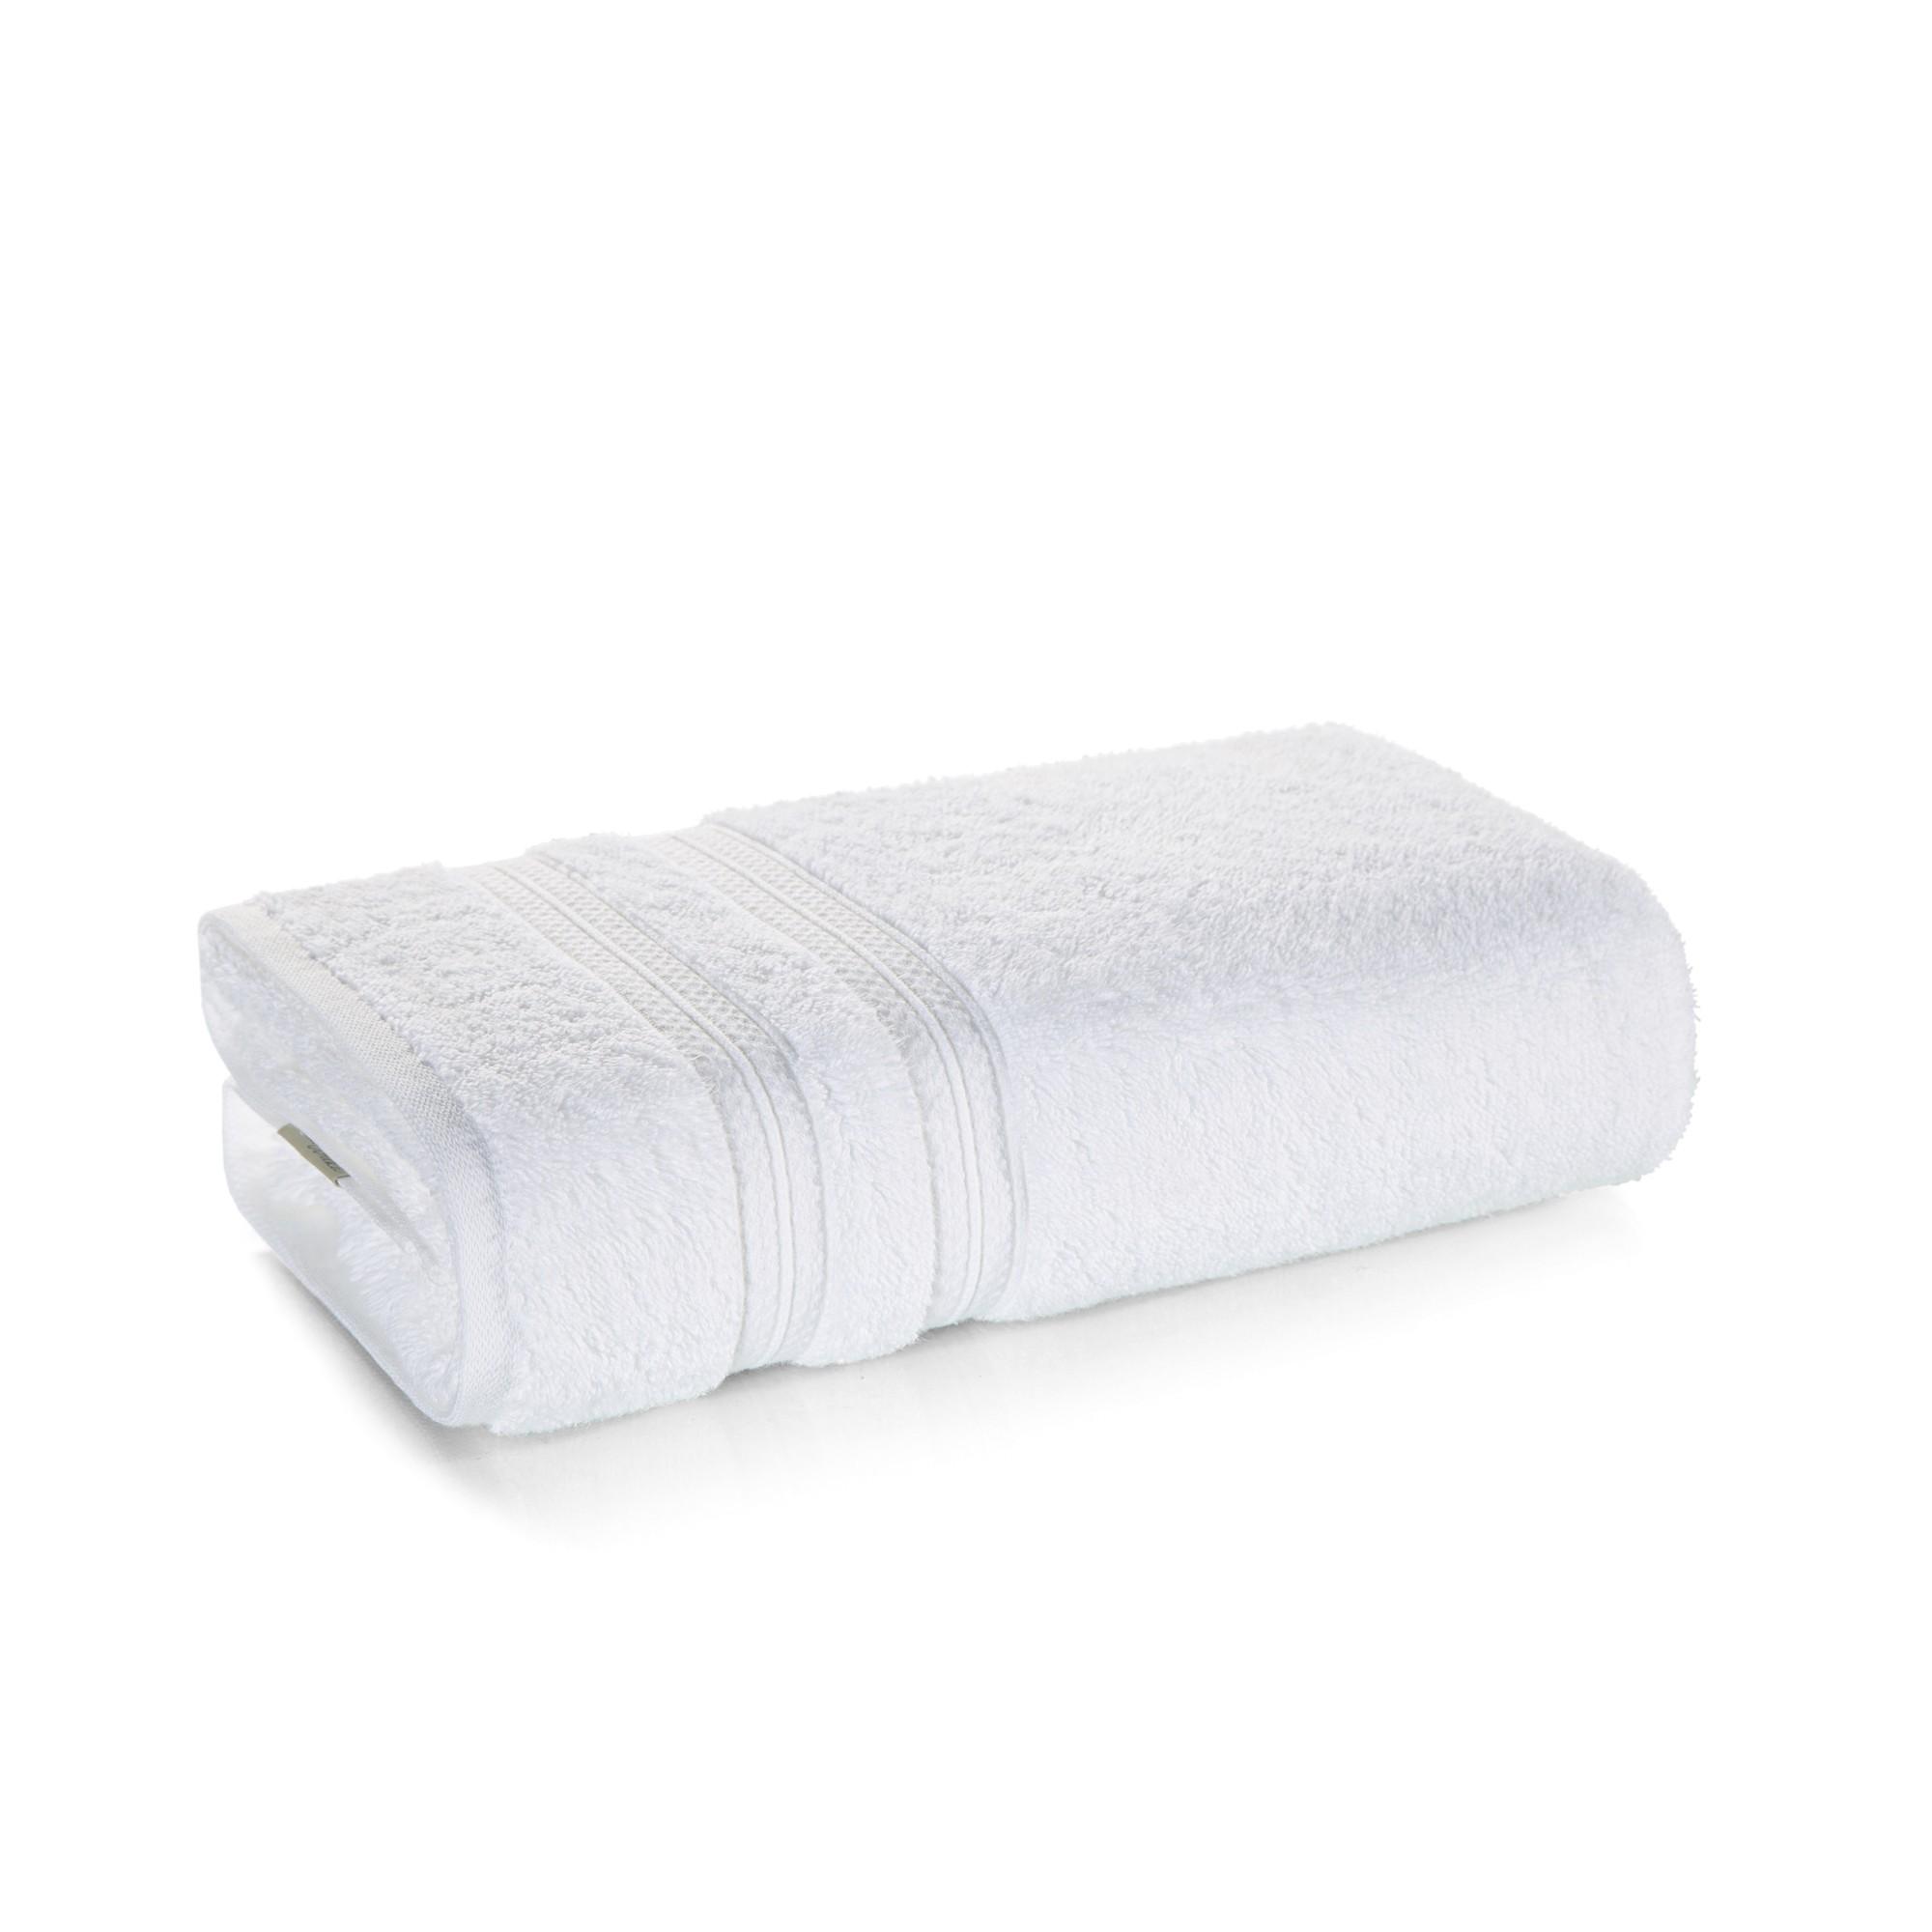 Toalha de Banho Karsten 100 Algodao com Toque Ultramacio 70x140 cm - Branco